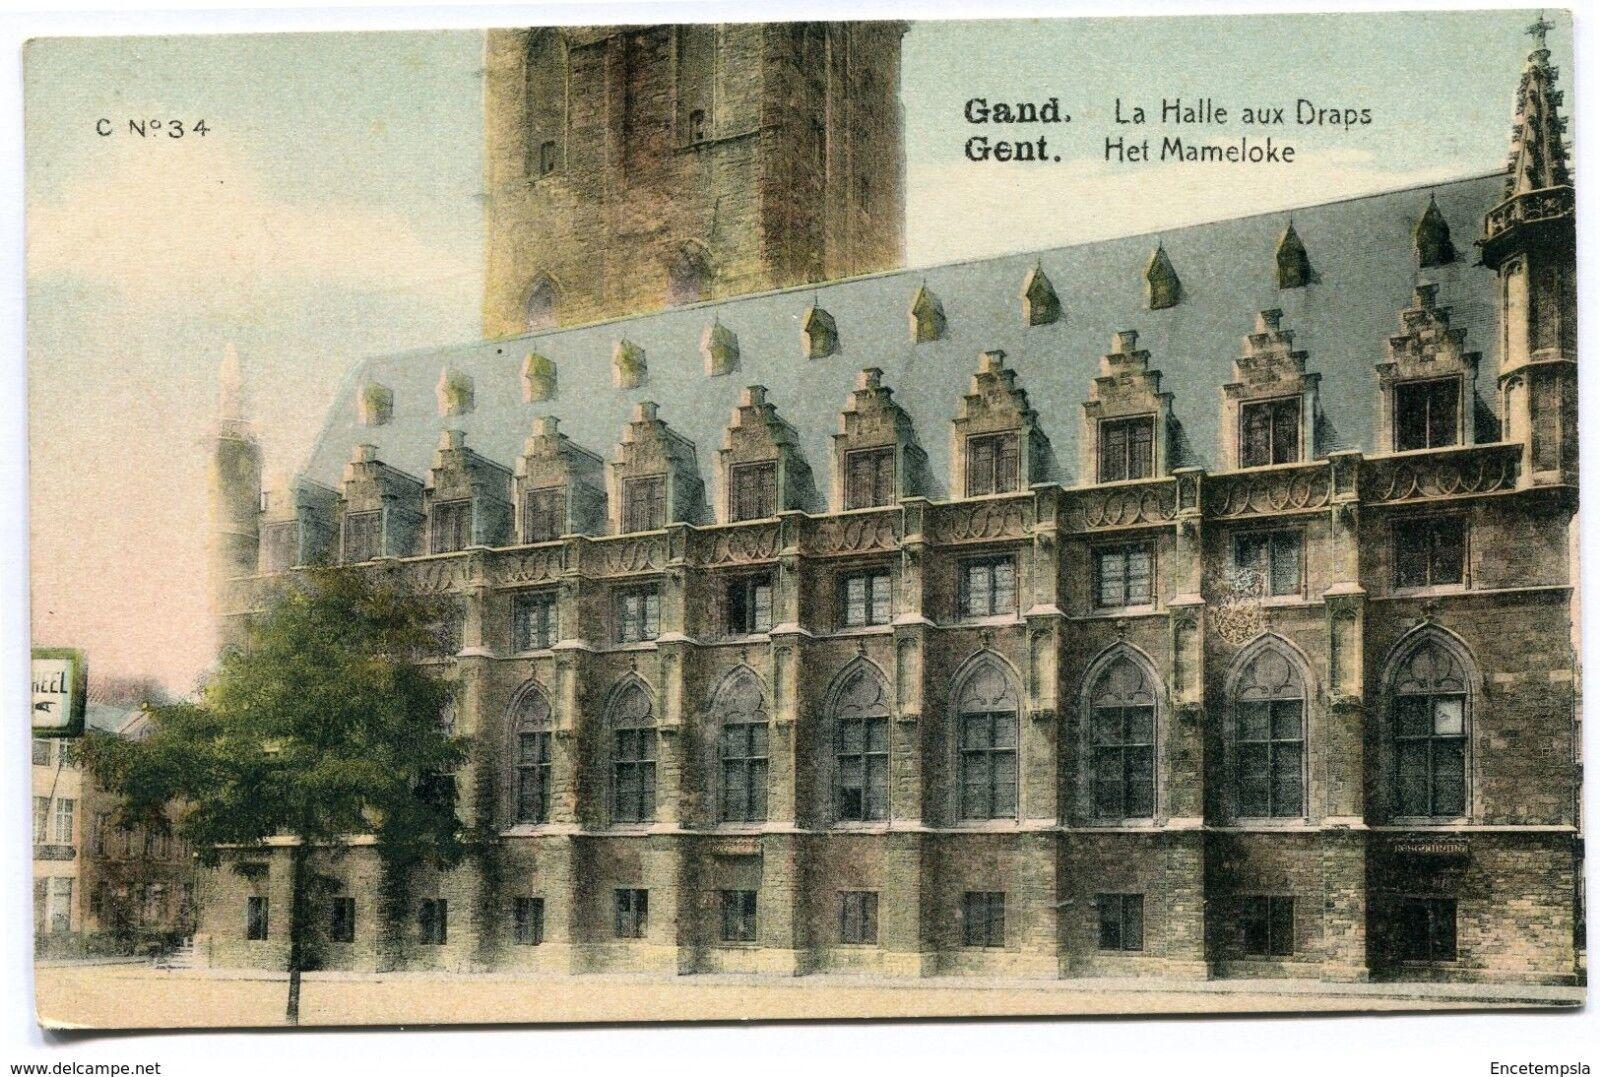 CPA -Carte postale-Belgique Gent - Gand - La Halle aux Draps - Het Mameloke